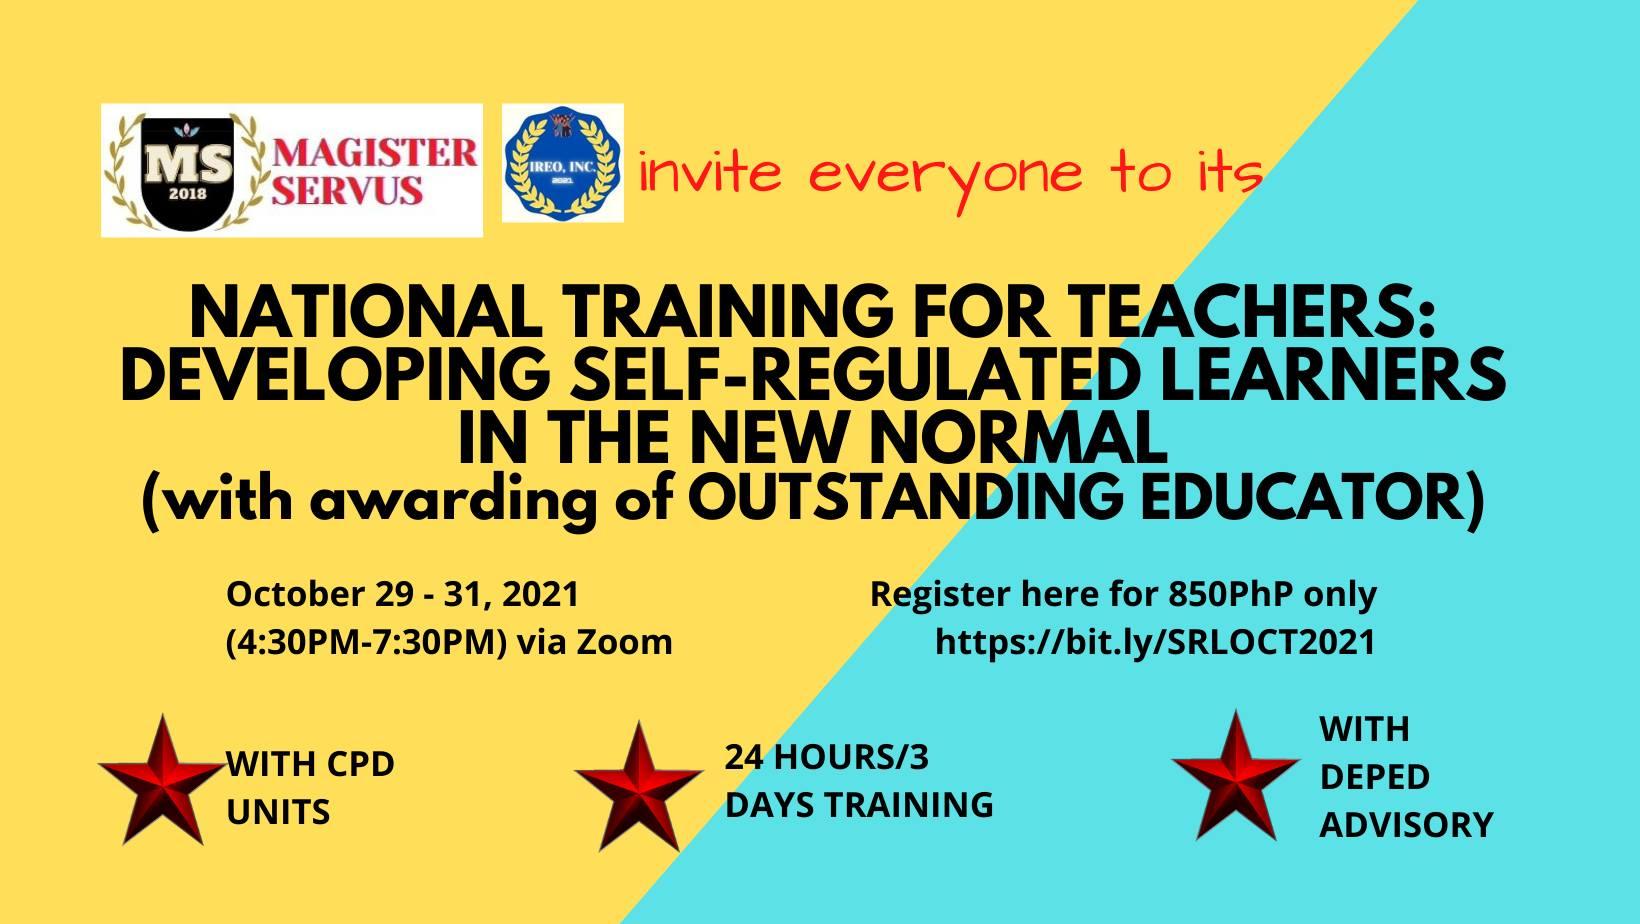 NATIONAL TRAINING FOR TEACHERS